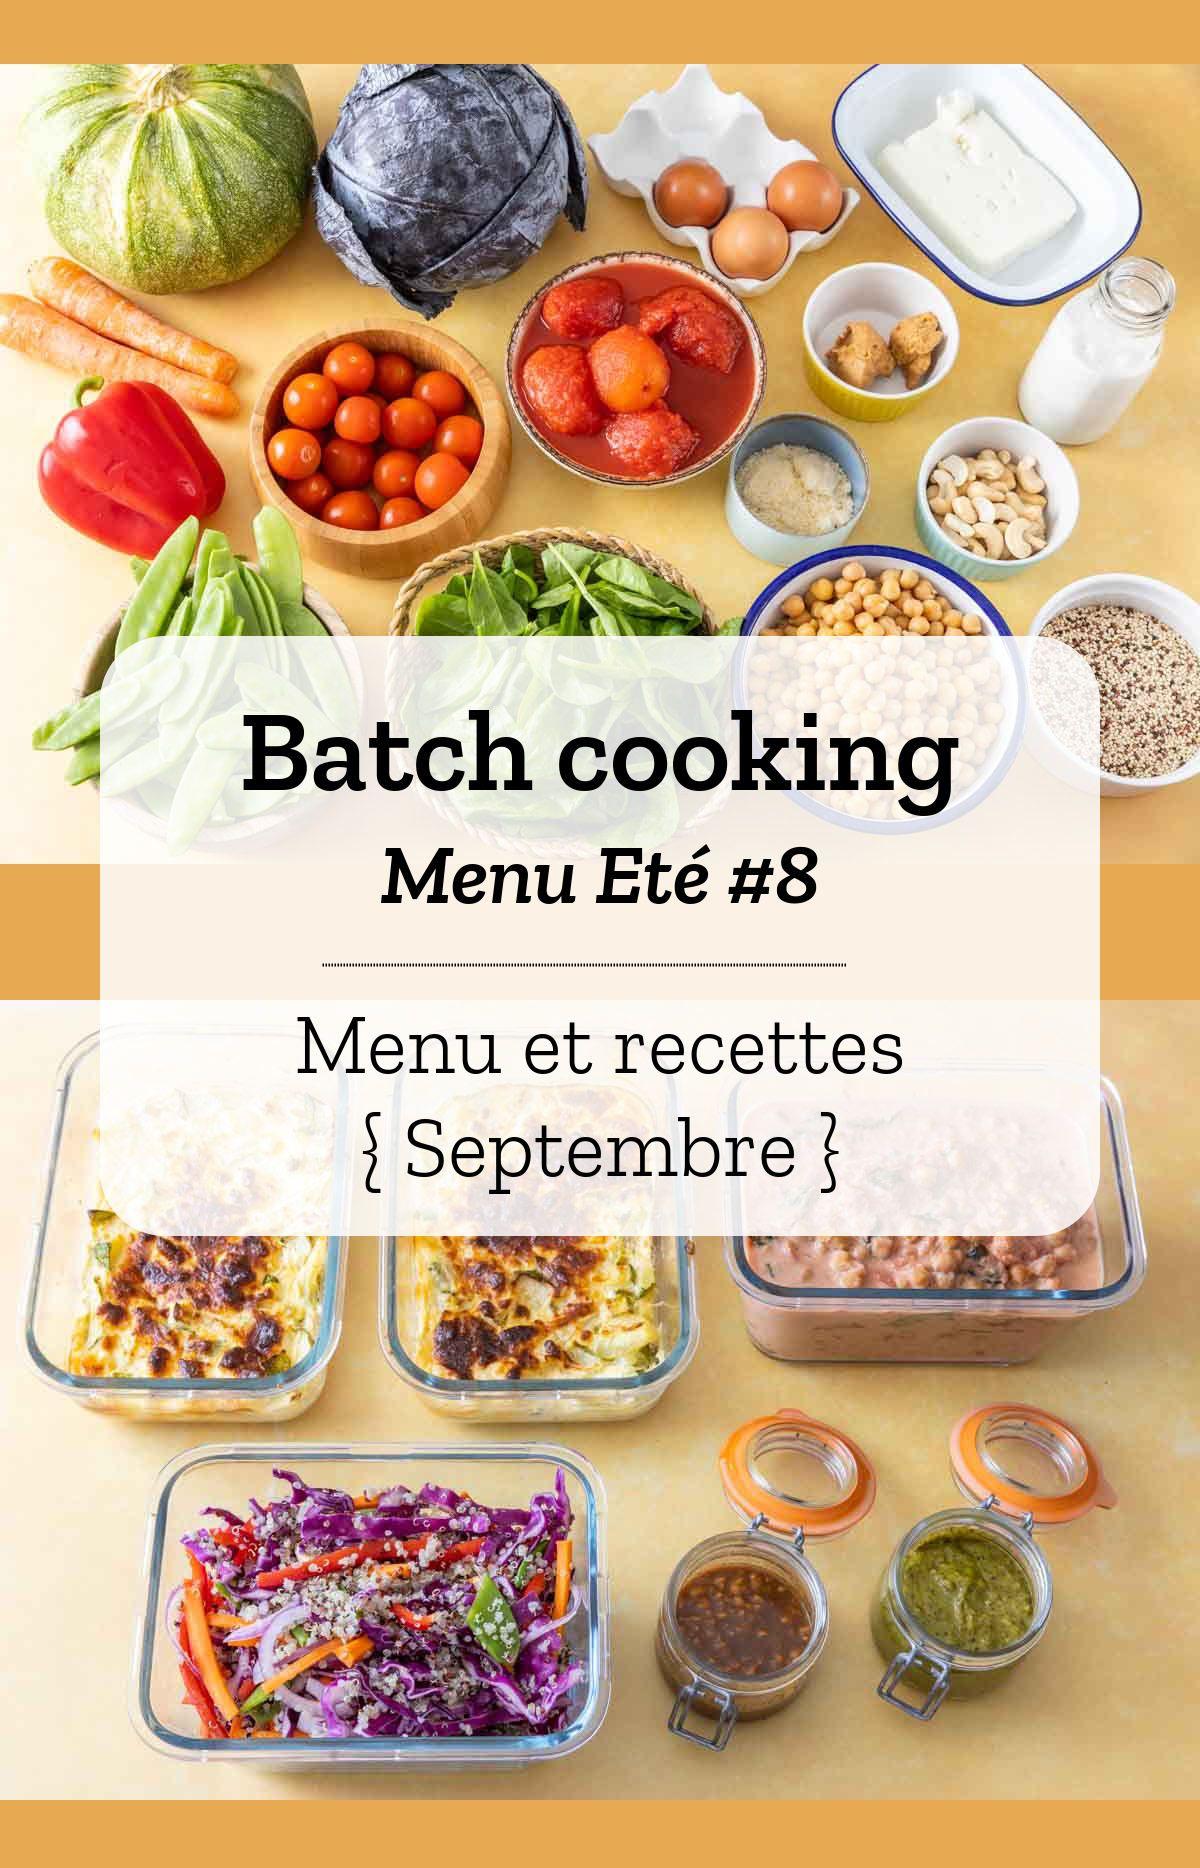 Batch cooking Eté #8 – Mois de Septembre – Semaine 37